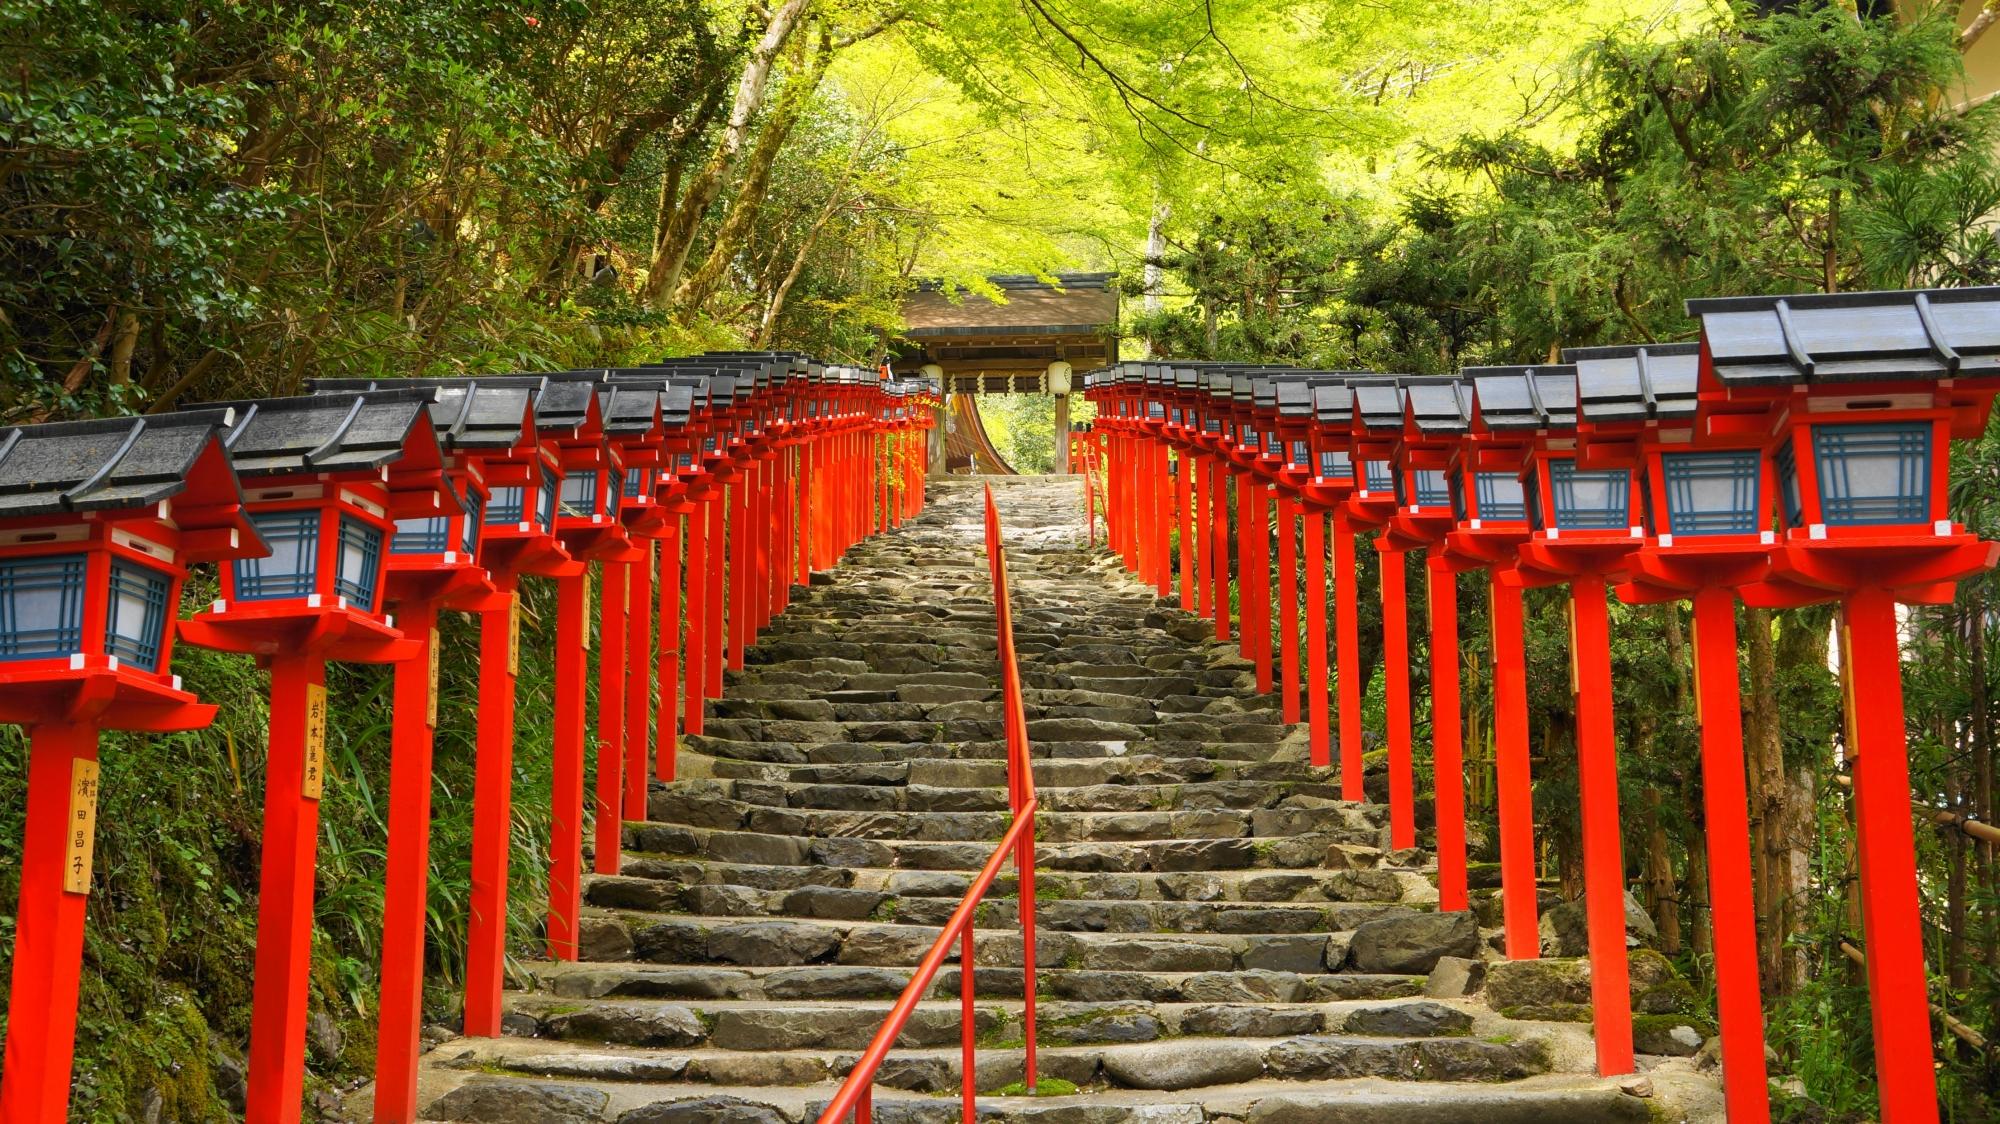 貴船神社 新緑 石段と灯籠と鮮やかな緑